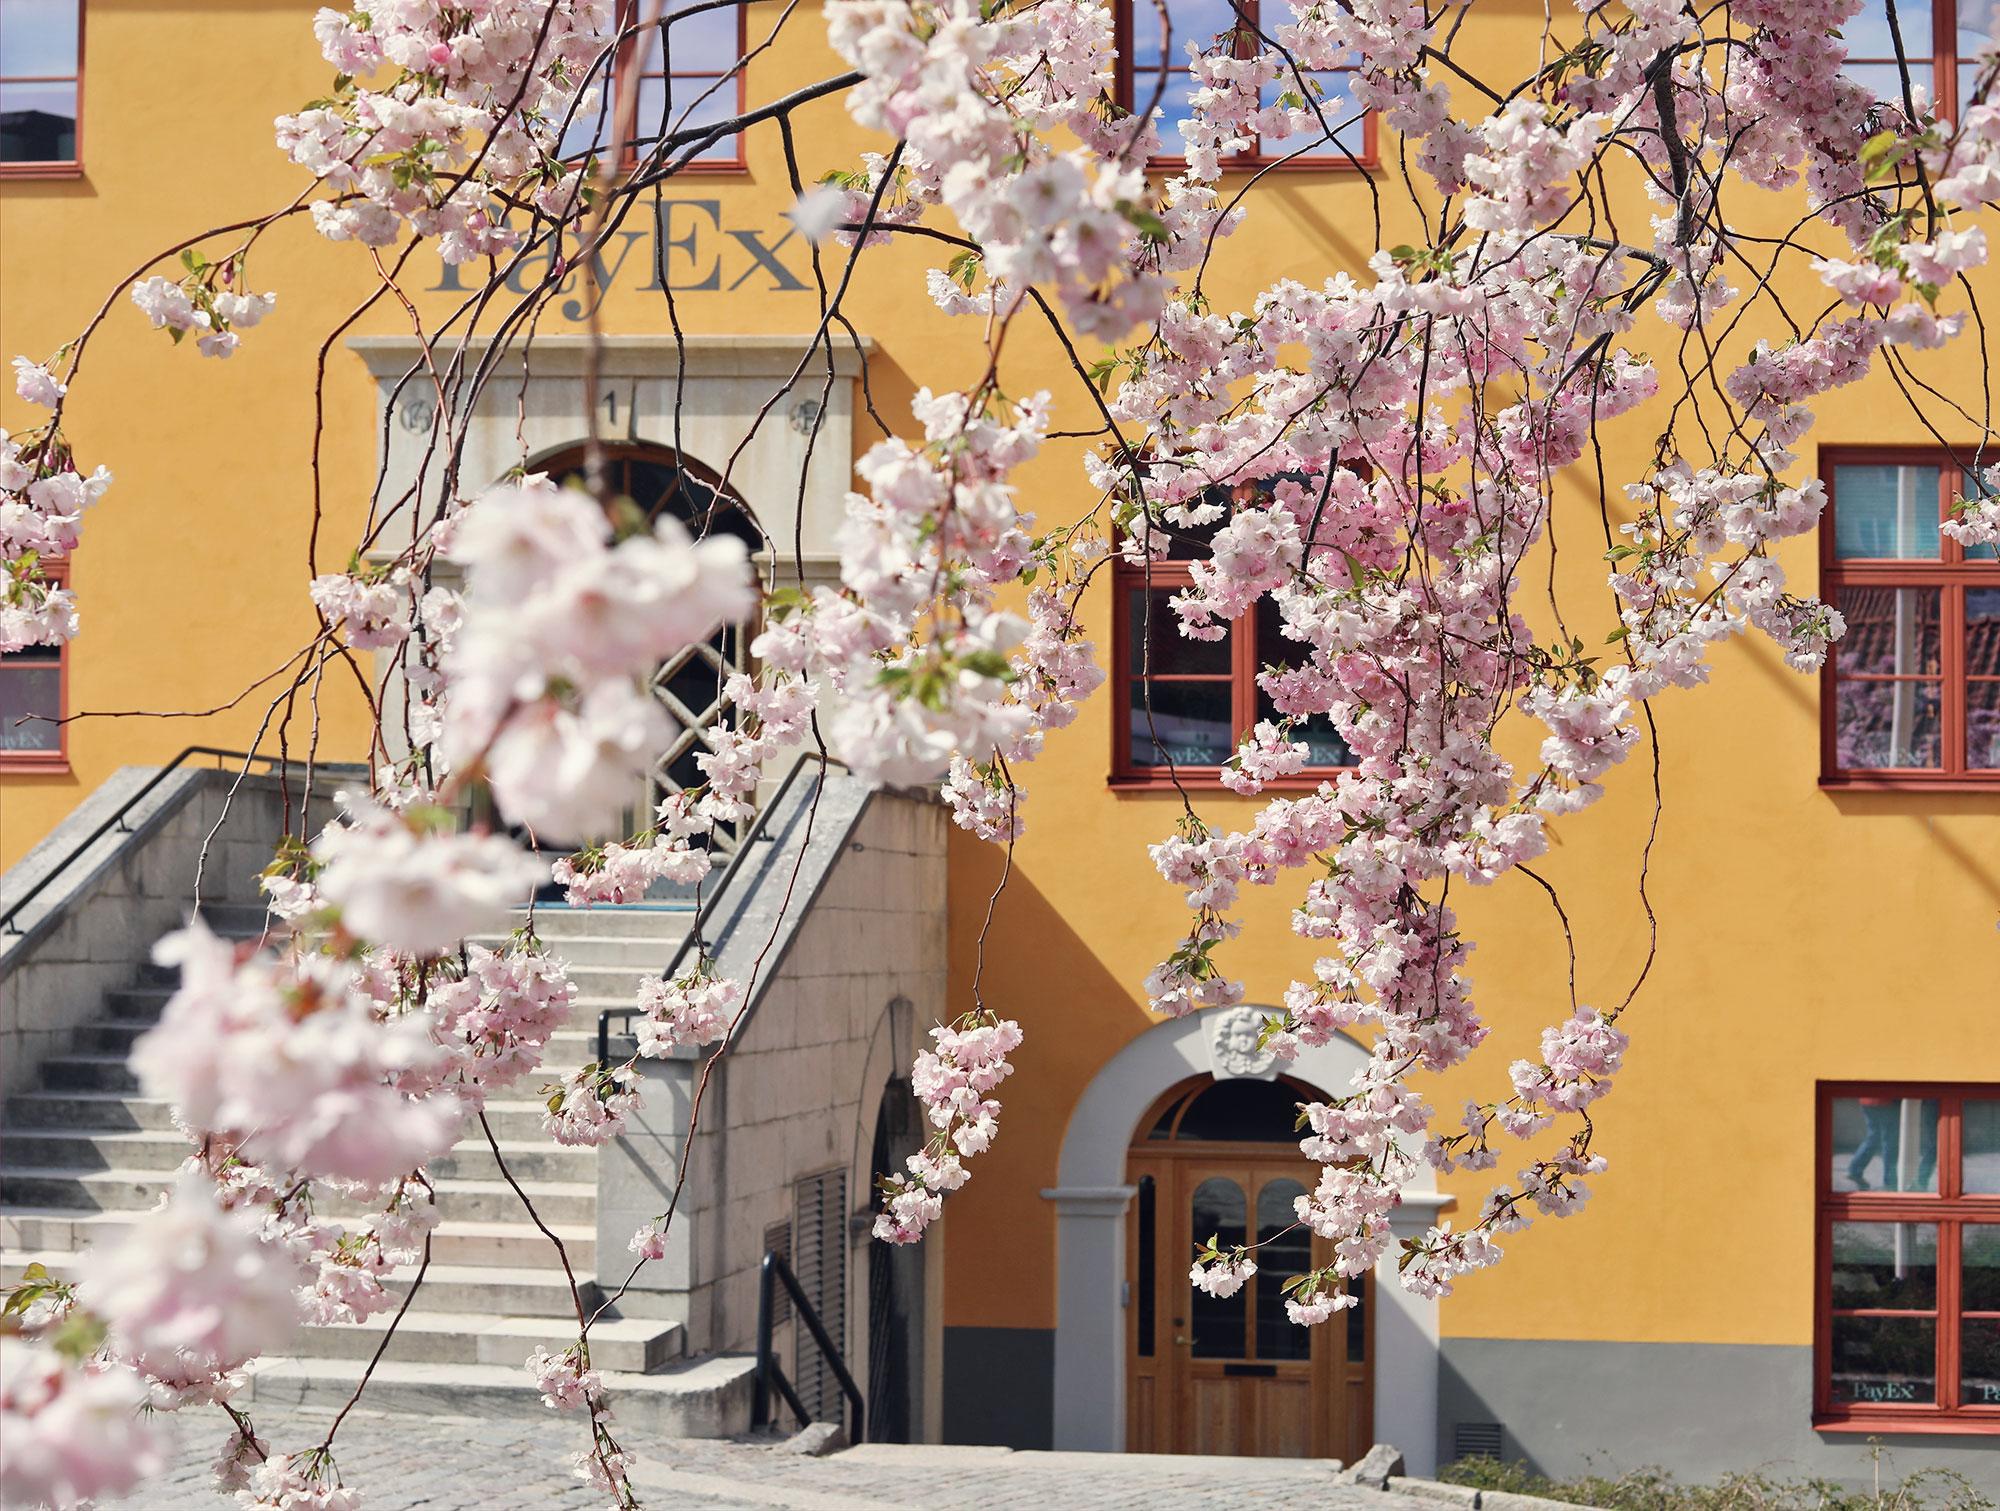 visby gotland körsbärsträd rosa blommor hus april maj